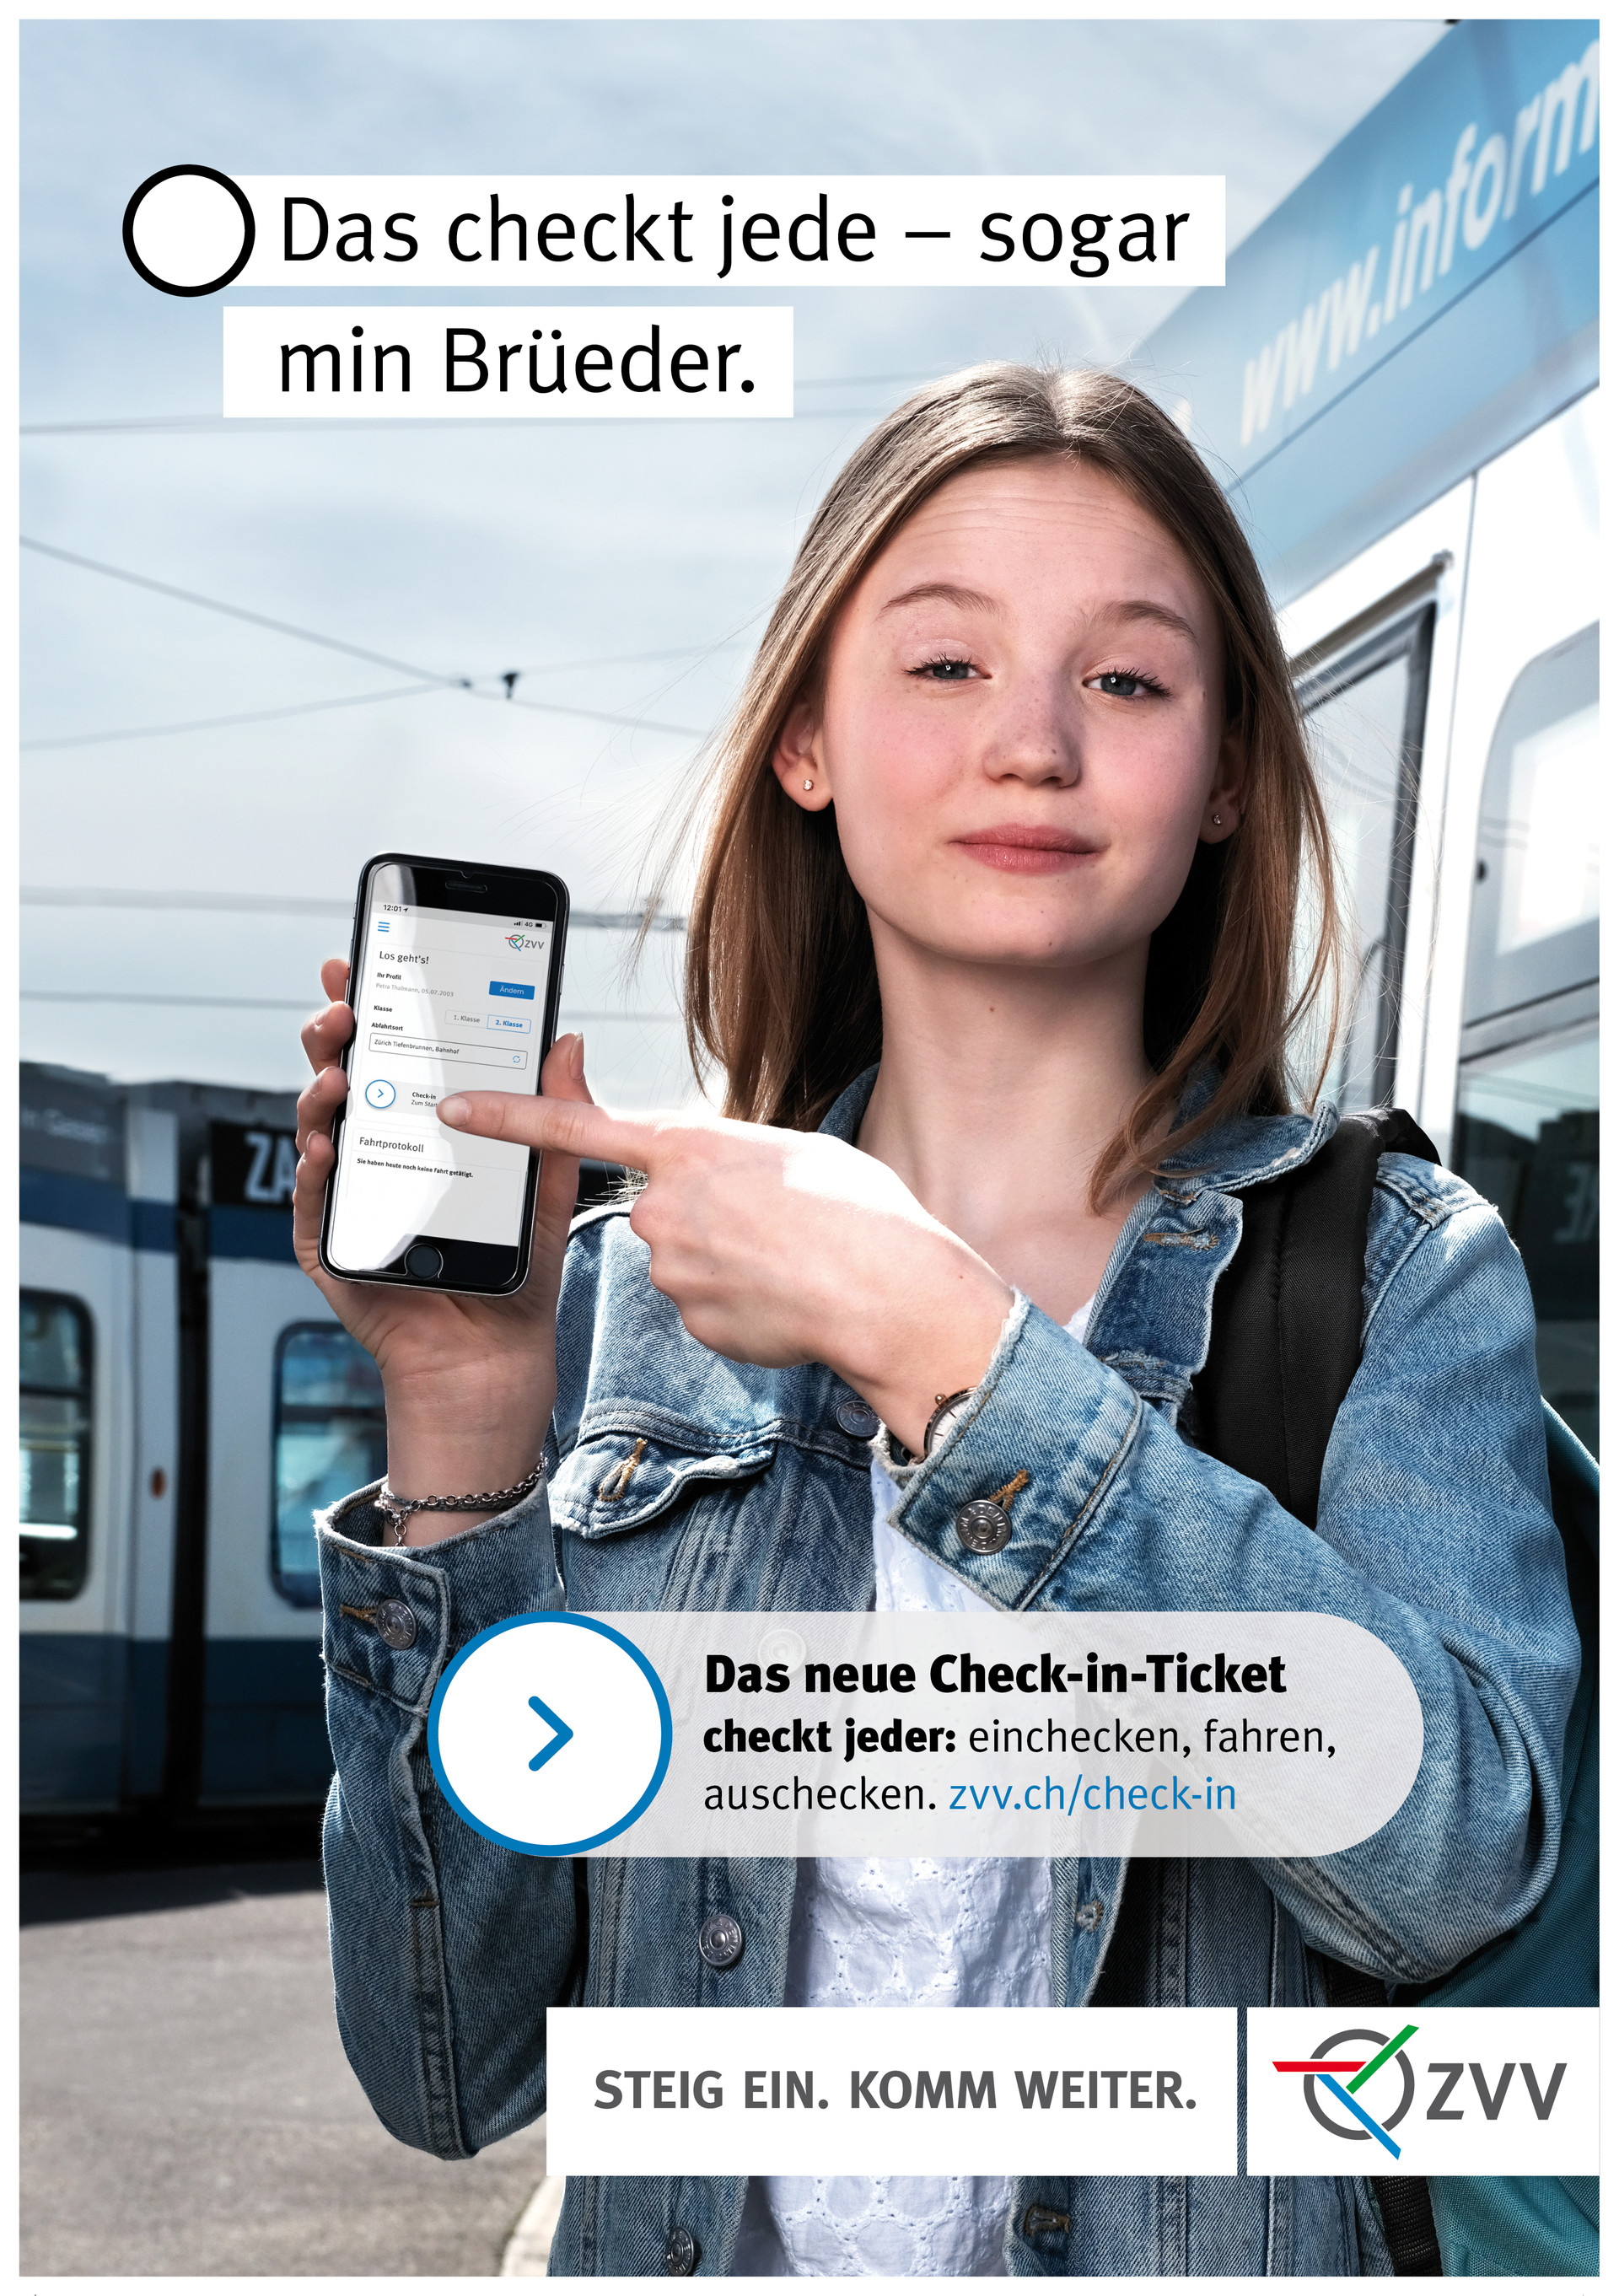 Check-in-Ticket_F200_RL4.jpg